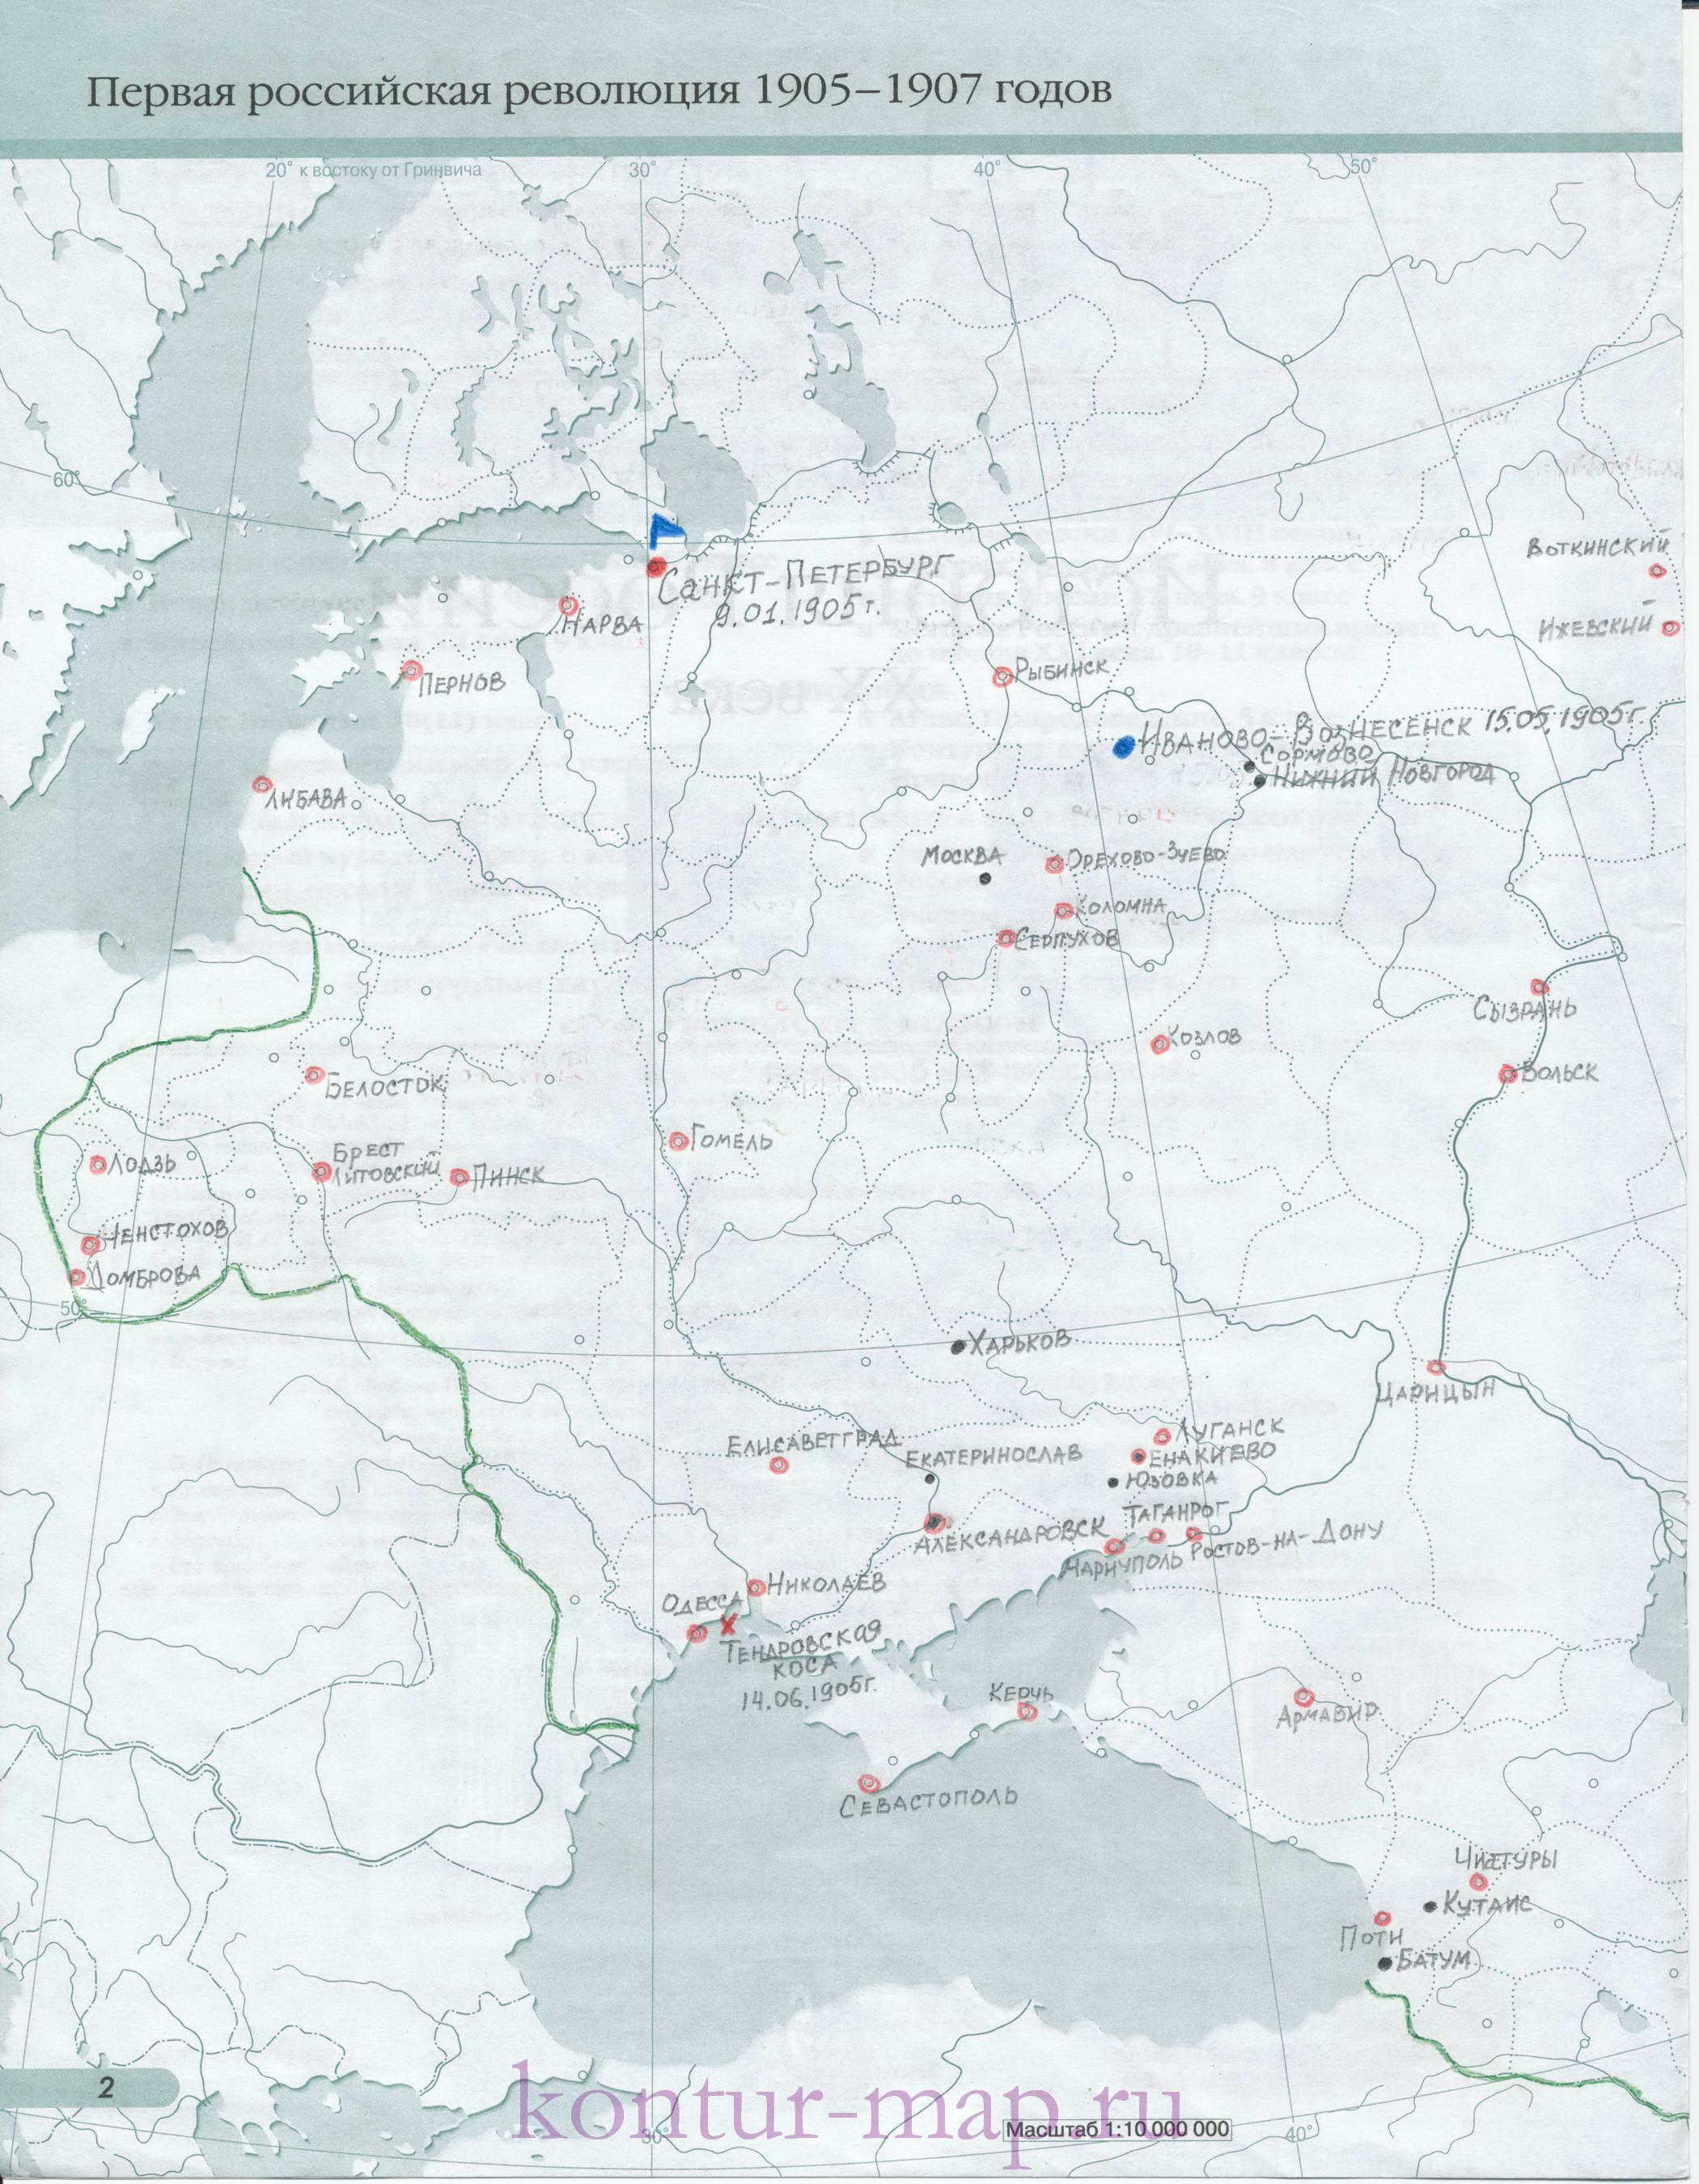 Готовая контурная карта - Первая российская революция 1905-1907 годов.